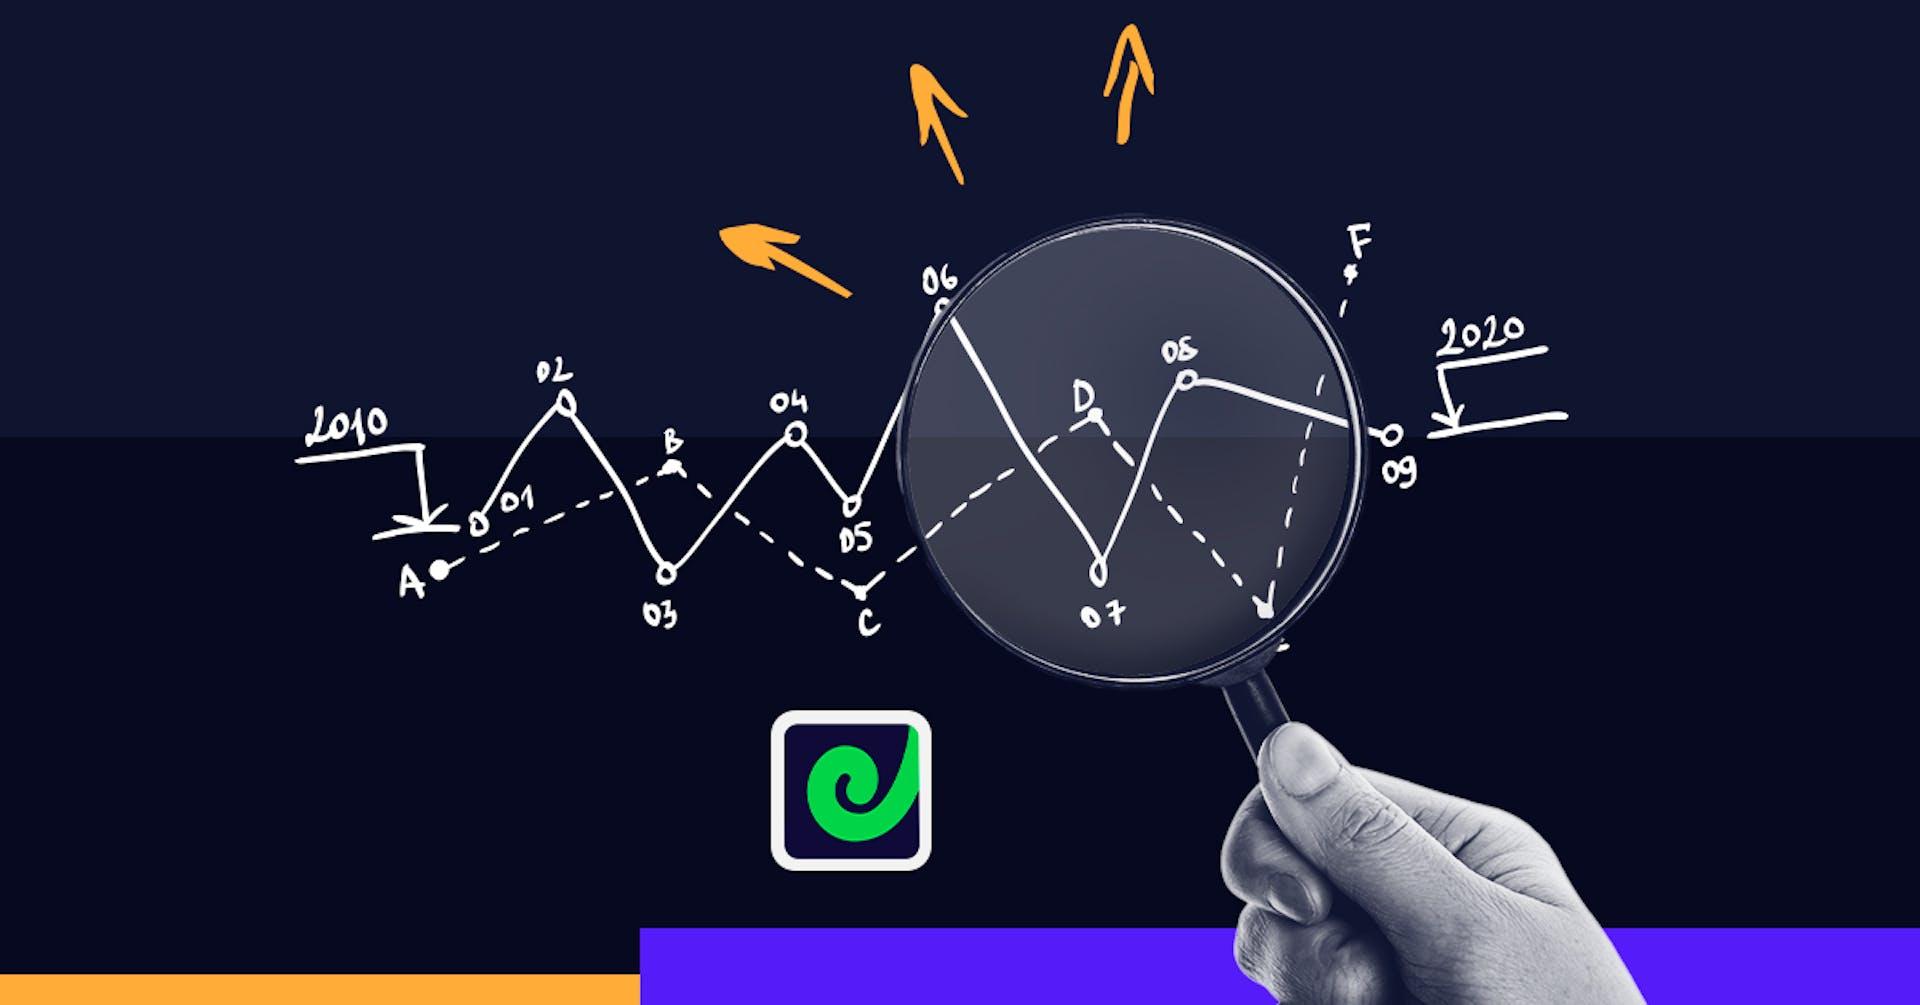 7 melhores ferramentas de análise de dados que mudarão sua perspectiva